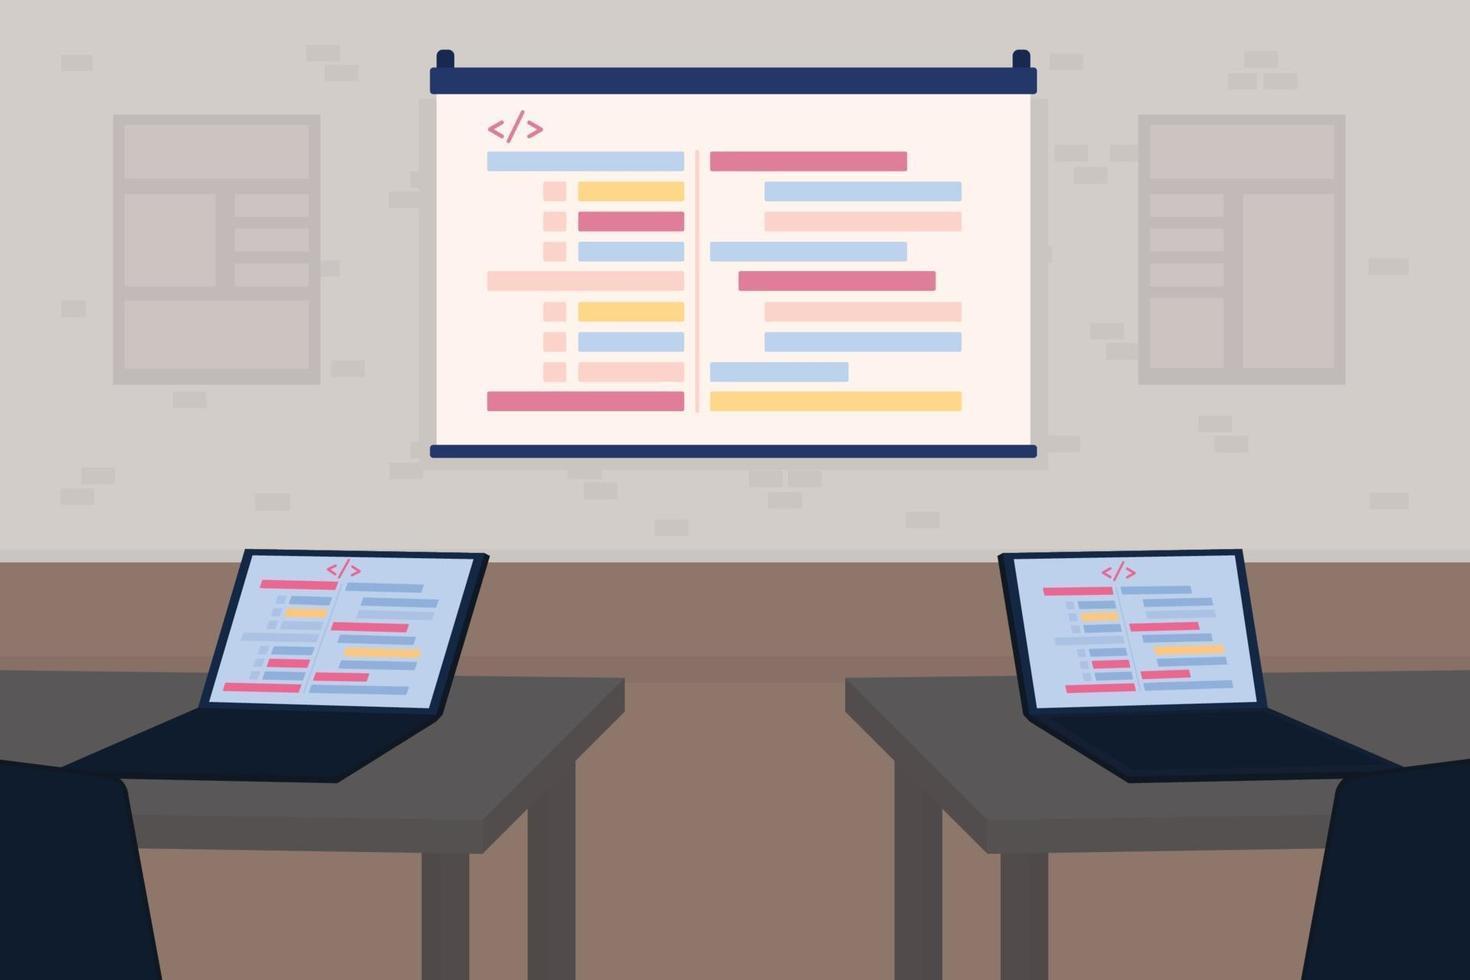 séminaire pour les développeurs illustration vectorielle couleur plat vecteur